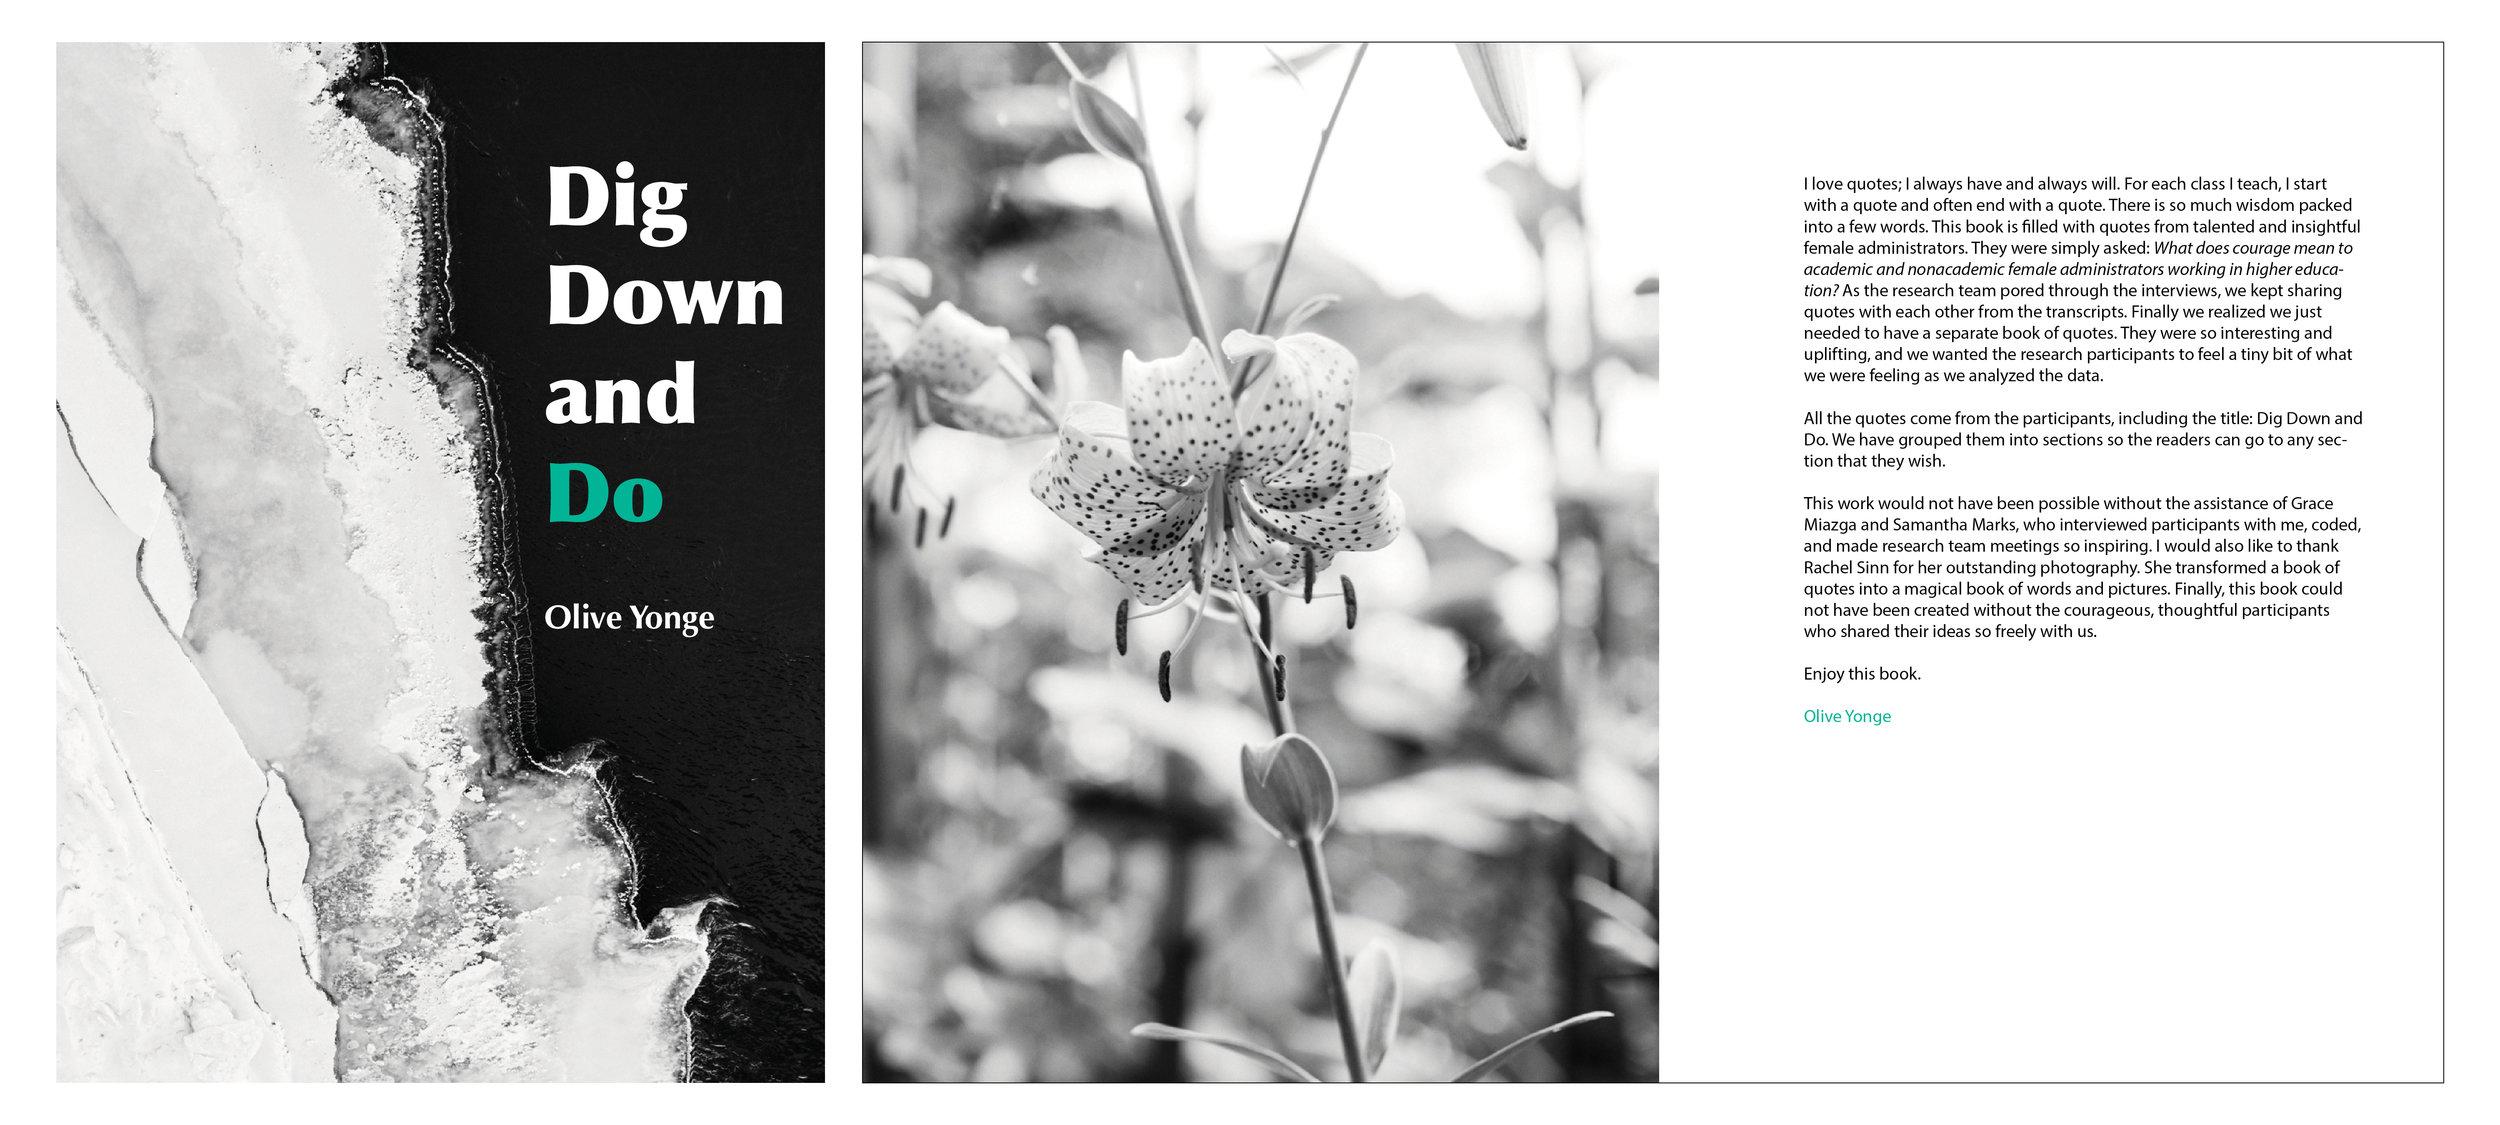 digdown1.jpg